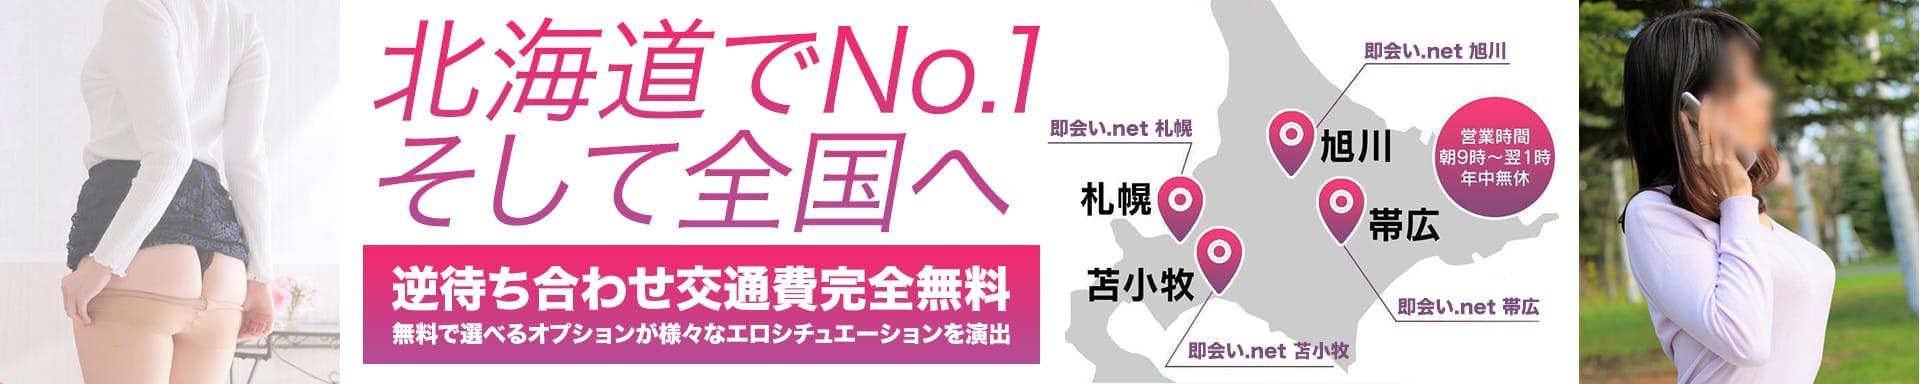 即会い.net 札幌 その2